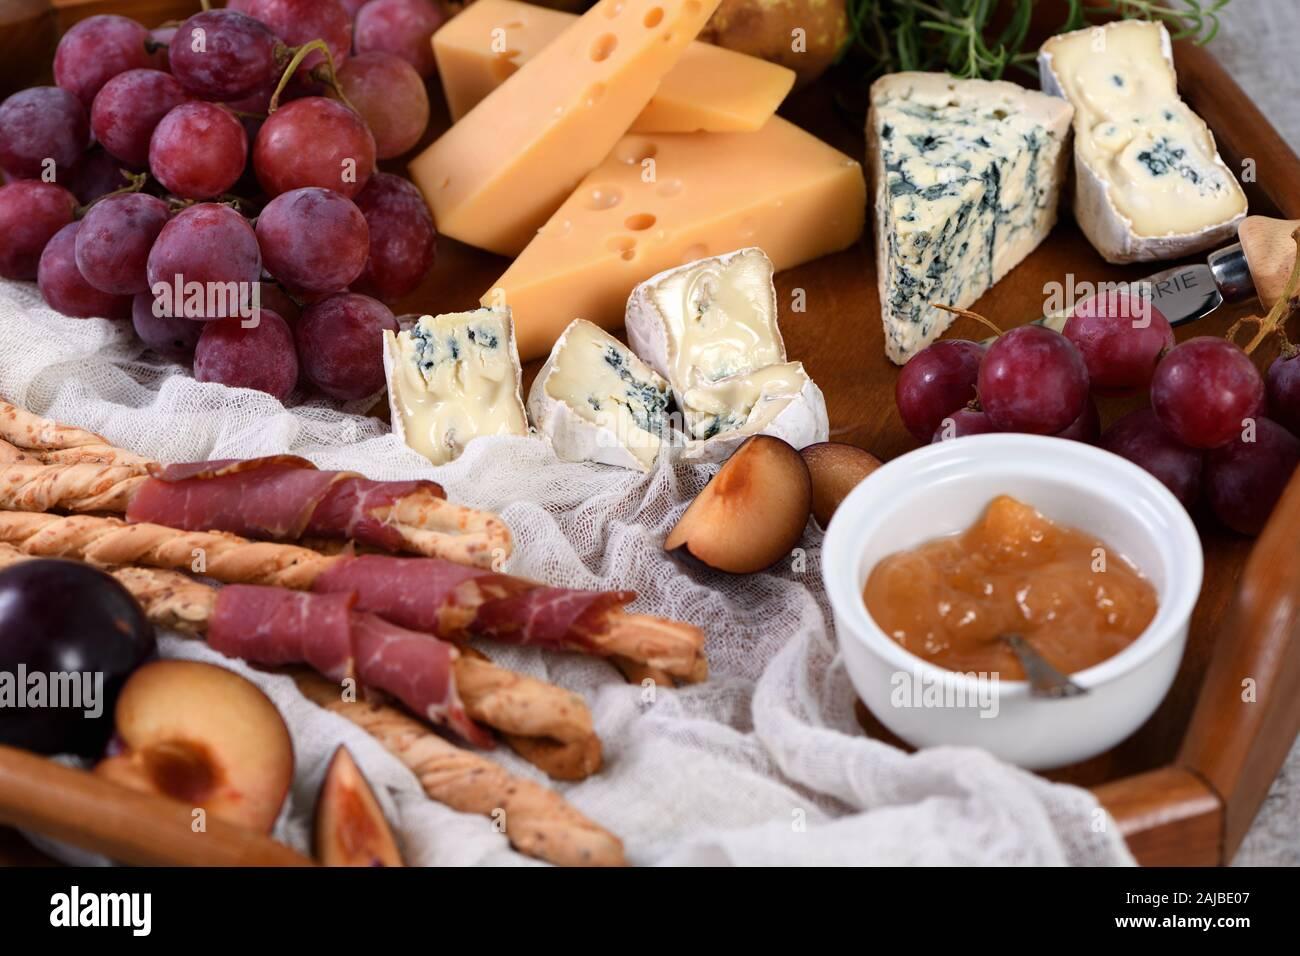 L'antipasto. Plat avec croustillant de grissini enveloppé de bacon séché au soleil, tranches de fromage brie, camembert, fromage bleu, radamer et muscat Grape Vine avec fru Banque D'Images